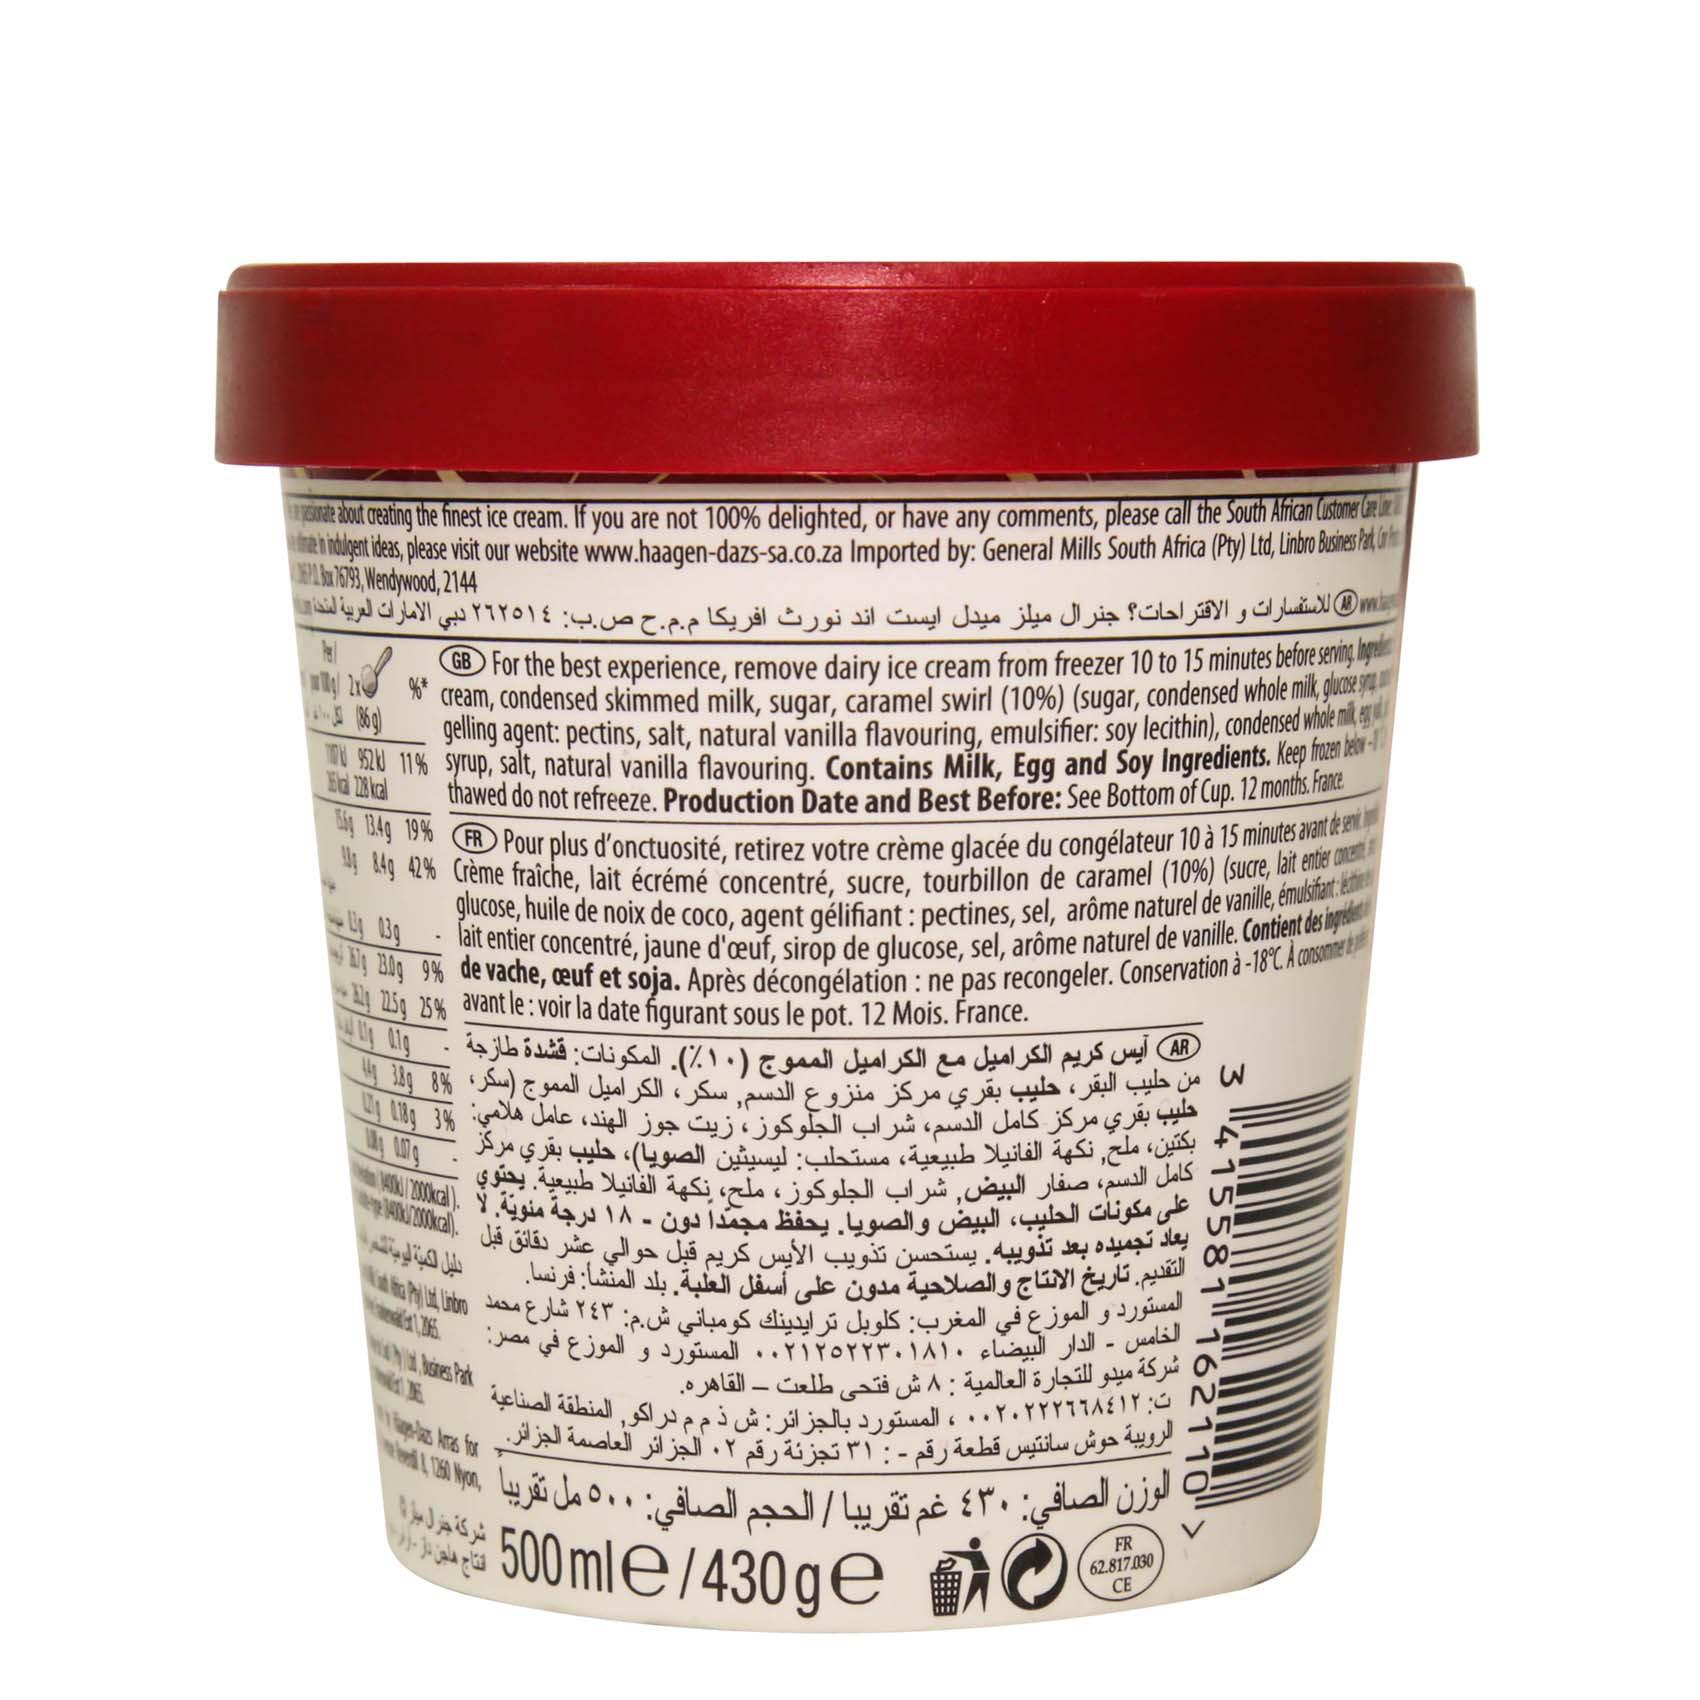 HAAGEN DAZS PINT TOFFEE CREAM 500ML